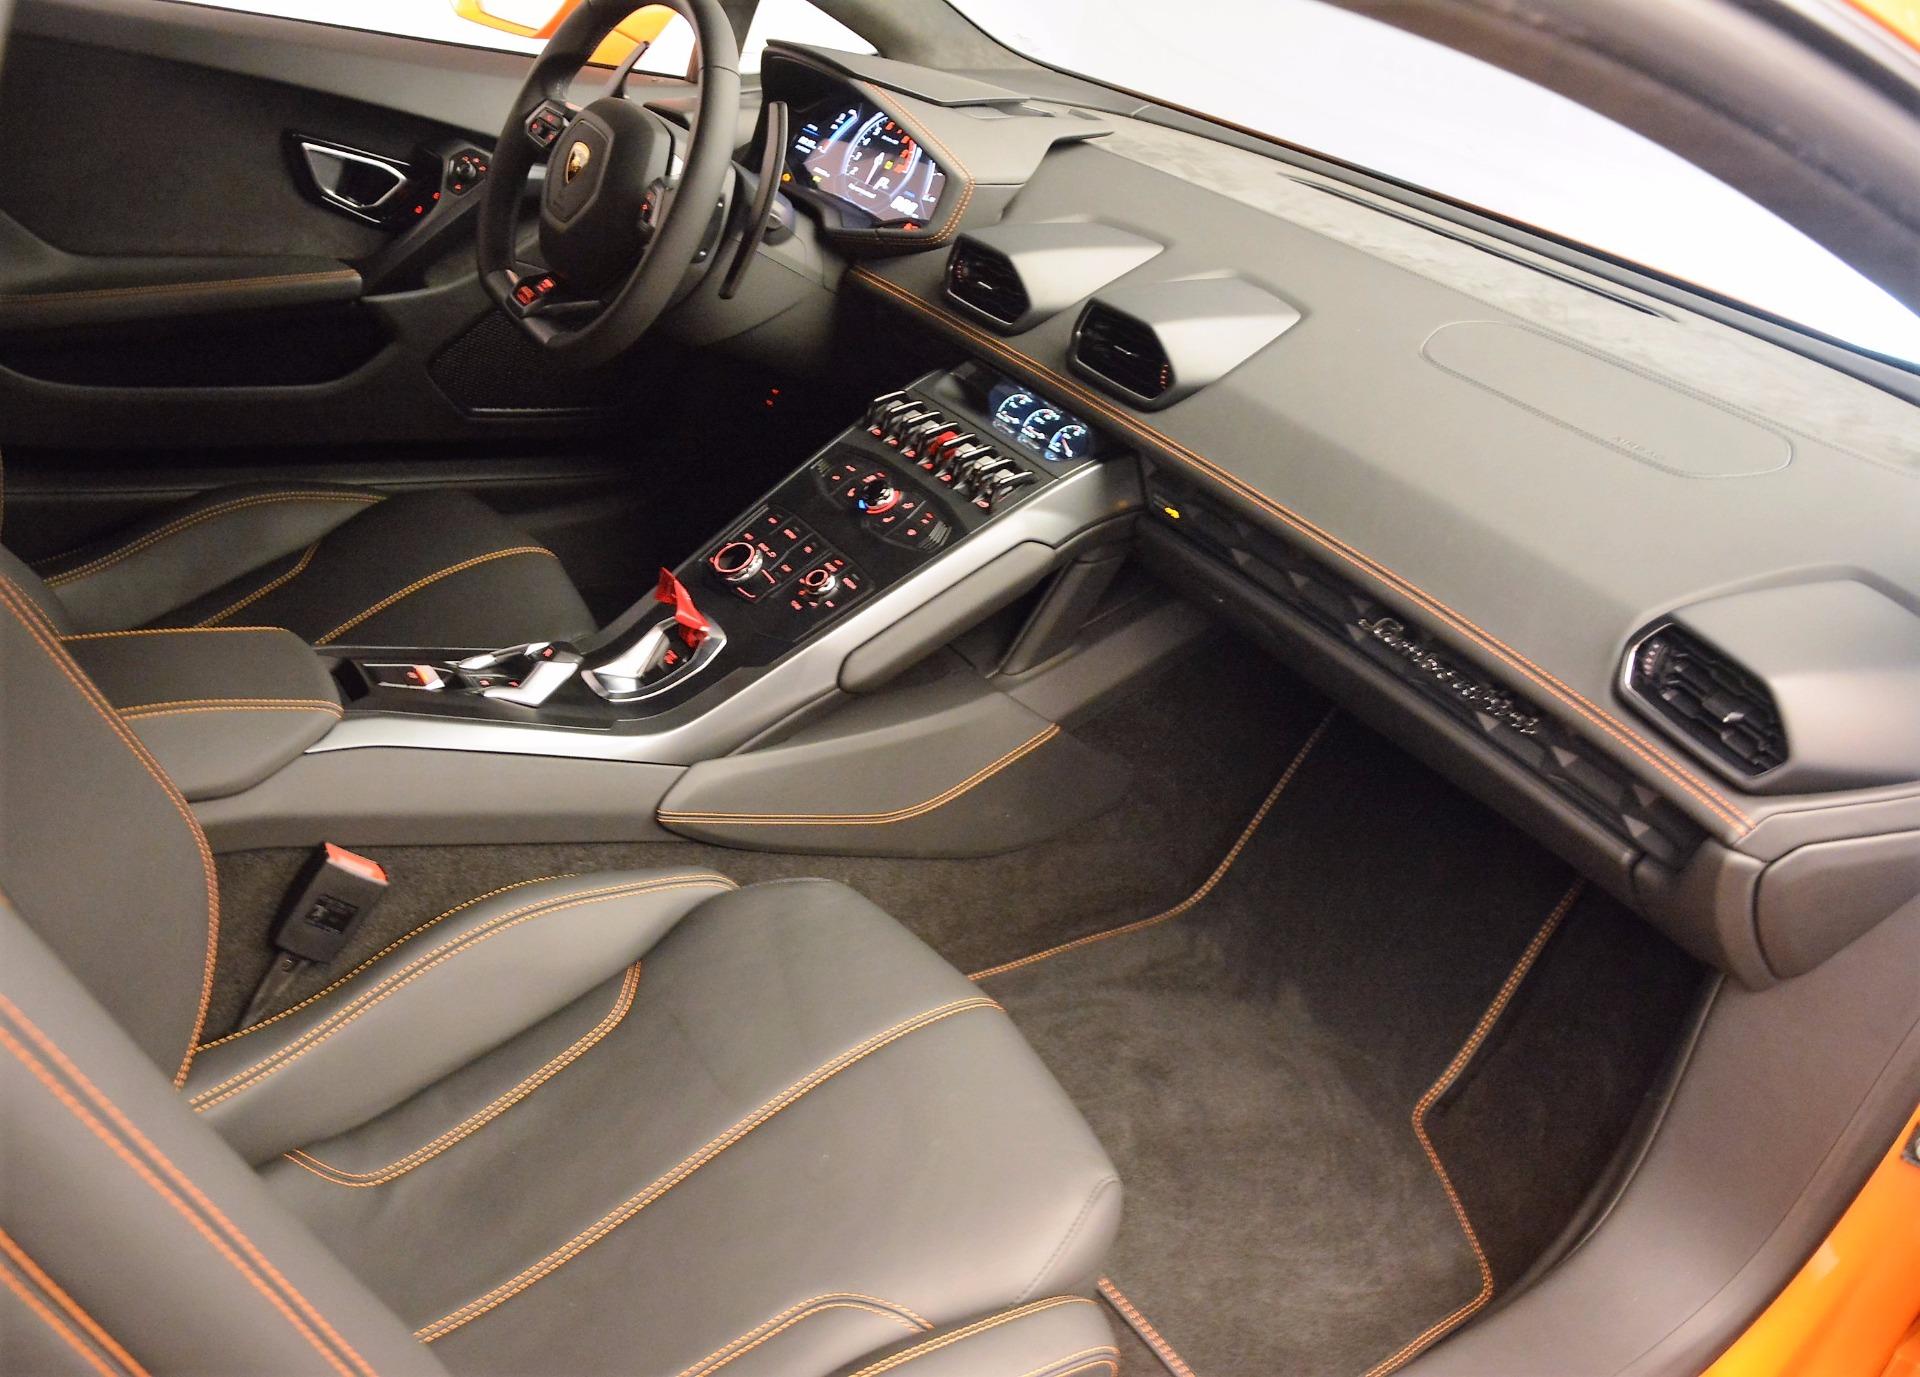 Used 2015 Lamborghini Huracan LP 610-4 For Sale In Westport, CT 621_p17